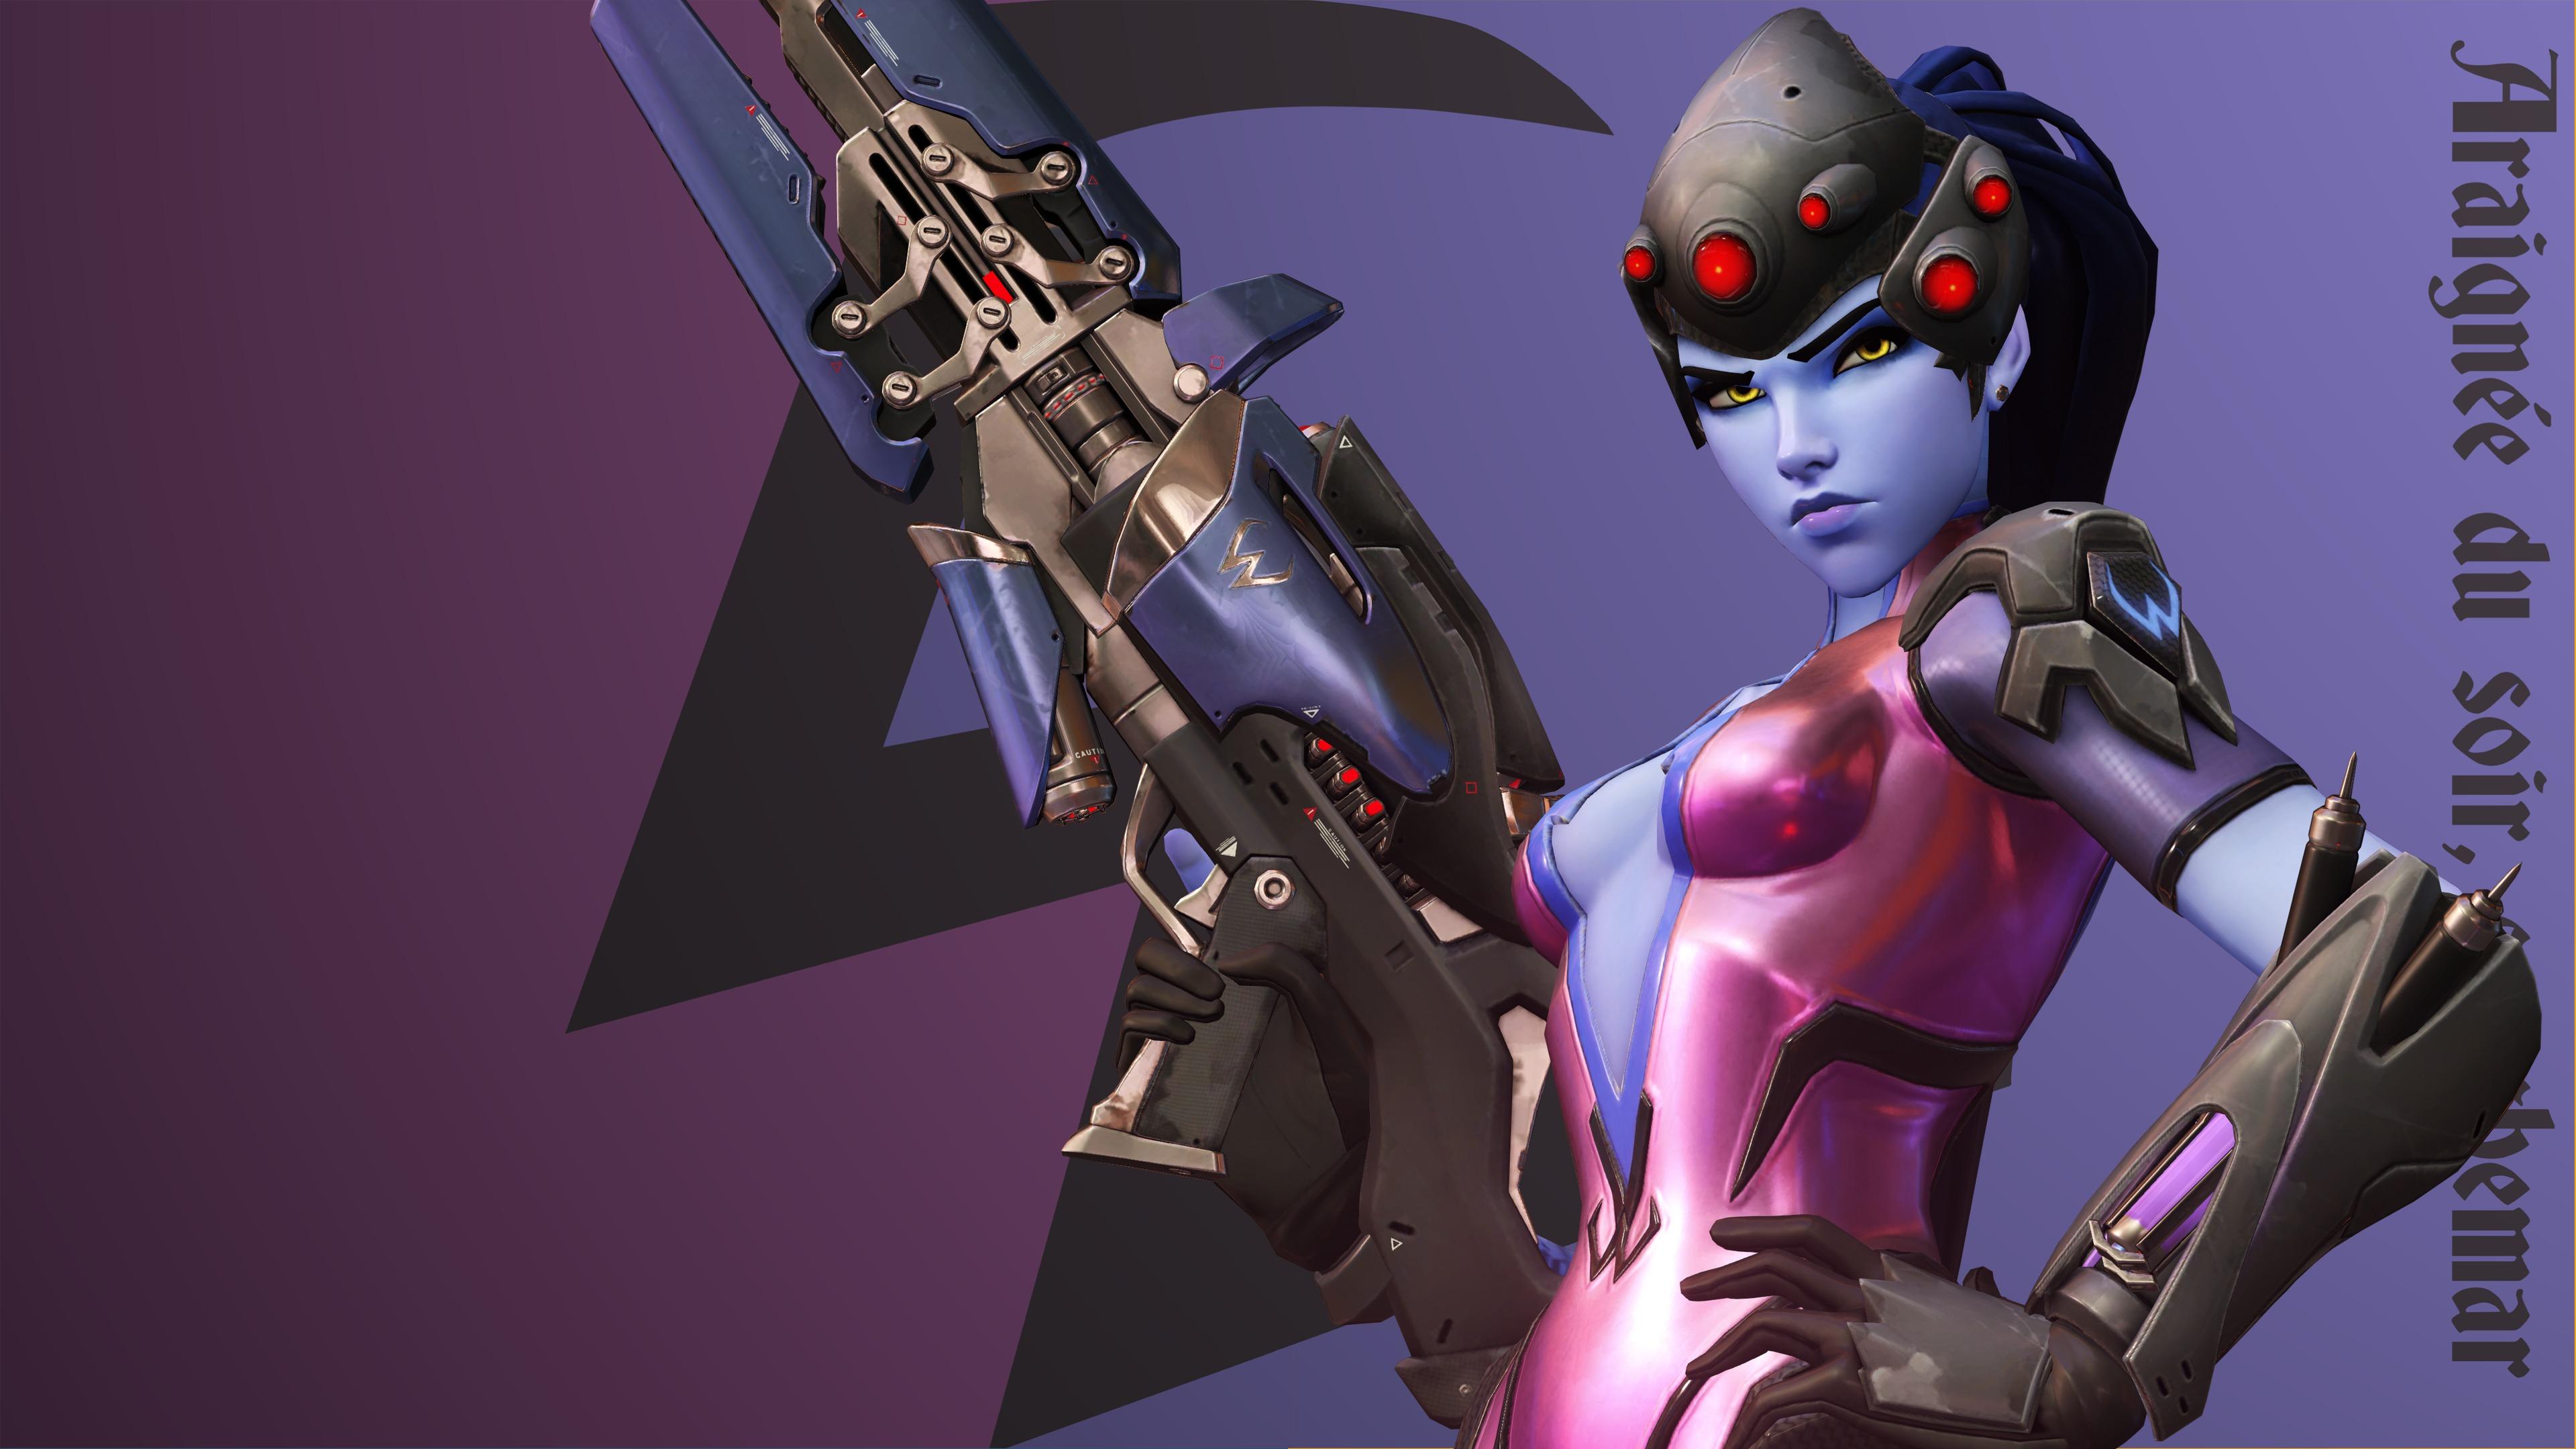 Overwatch: Widowmaker